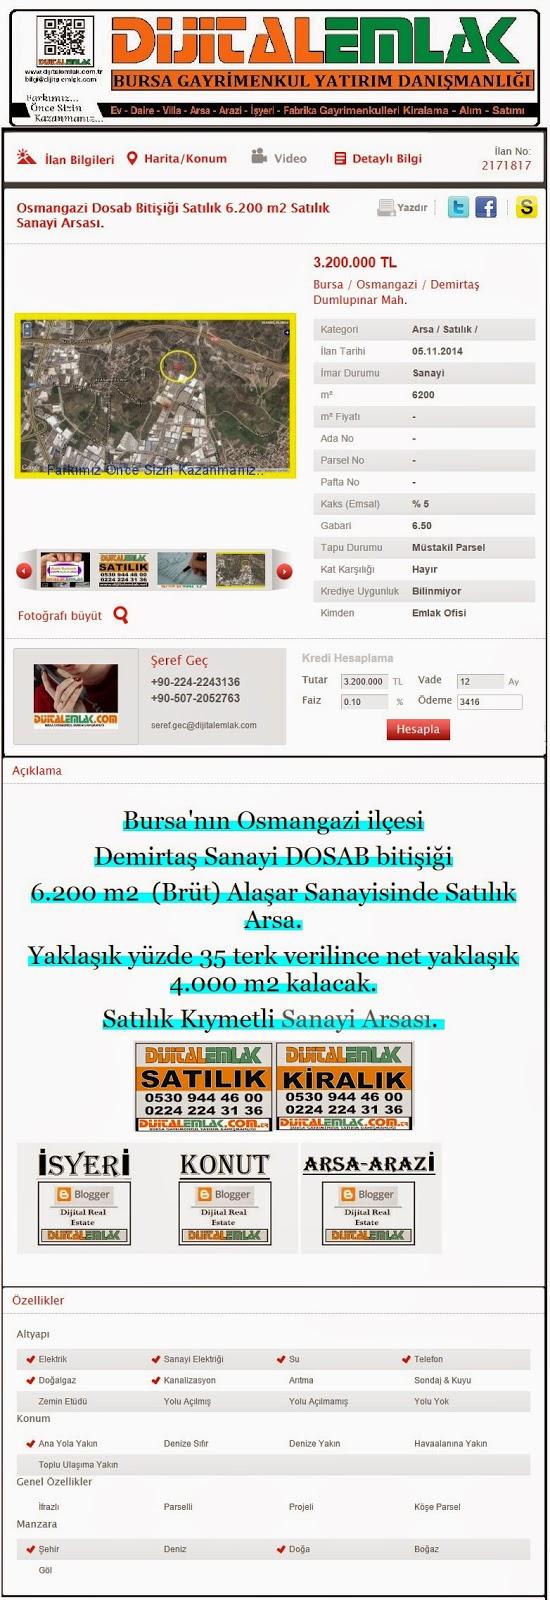 http://www.dijitalemlak.com.tr/ilan/2171817_osmangazi-dosab-bitisigi-satilik-6200-m2-satilik-sanayi-arsasi.html